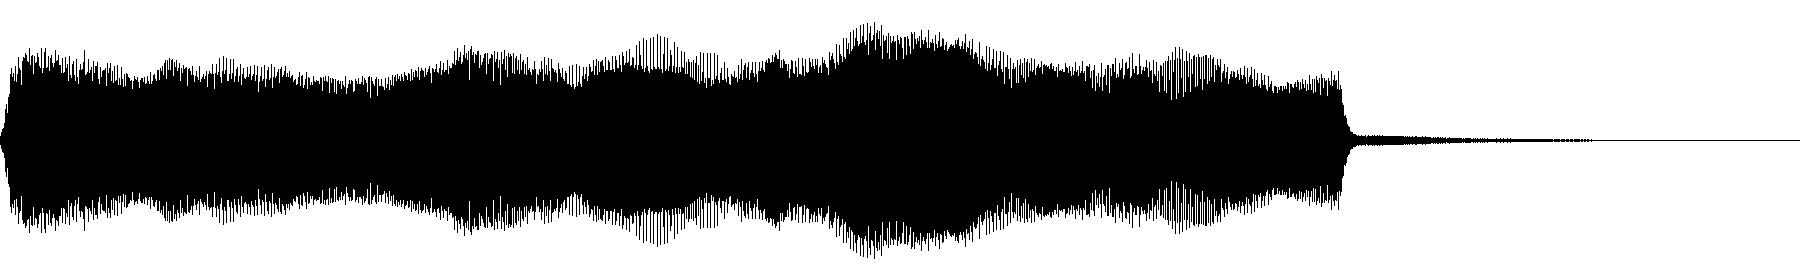 veh2 synths   030 c